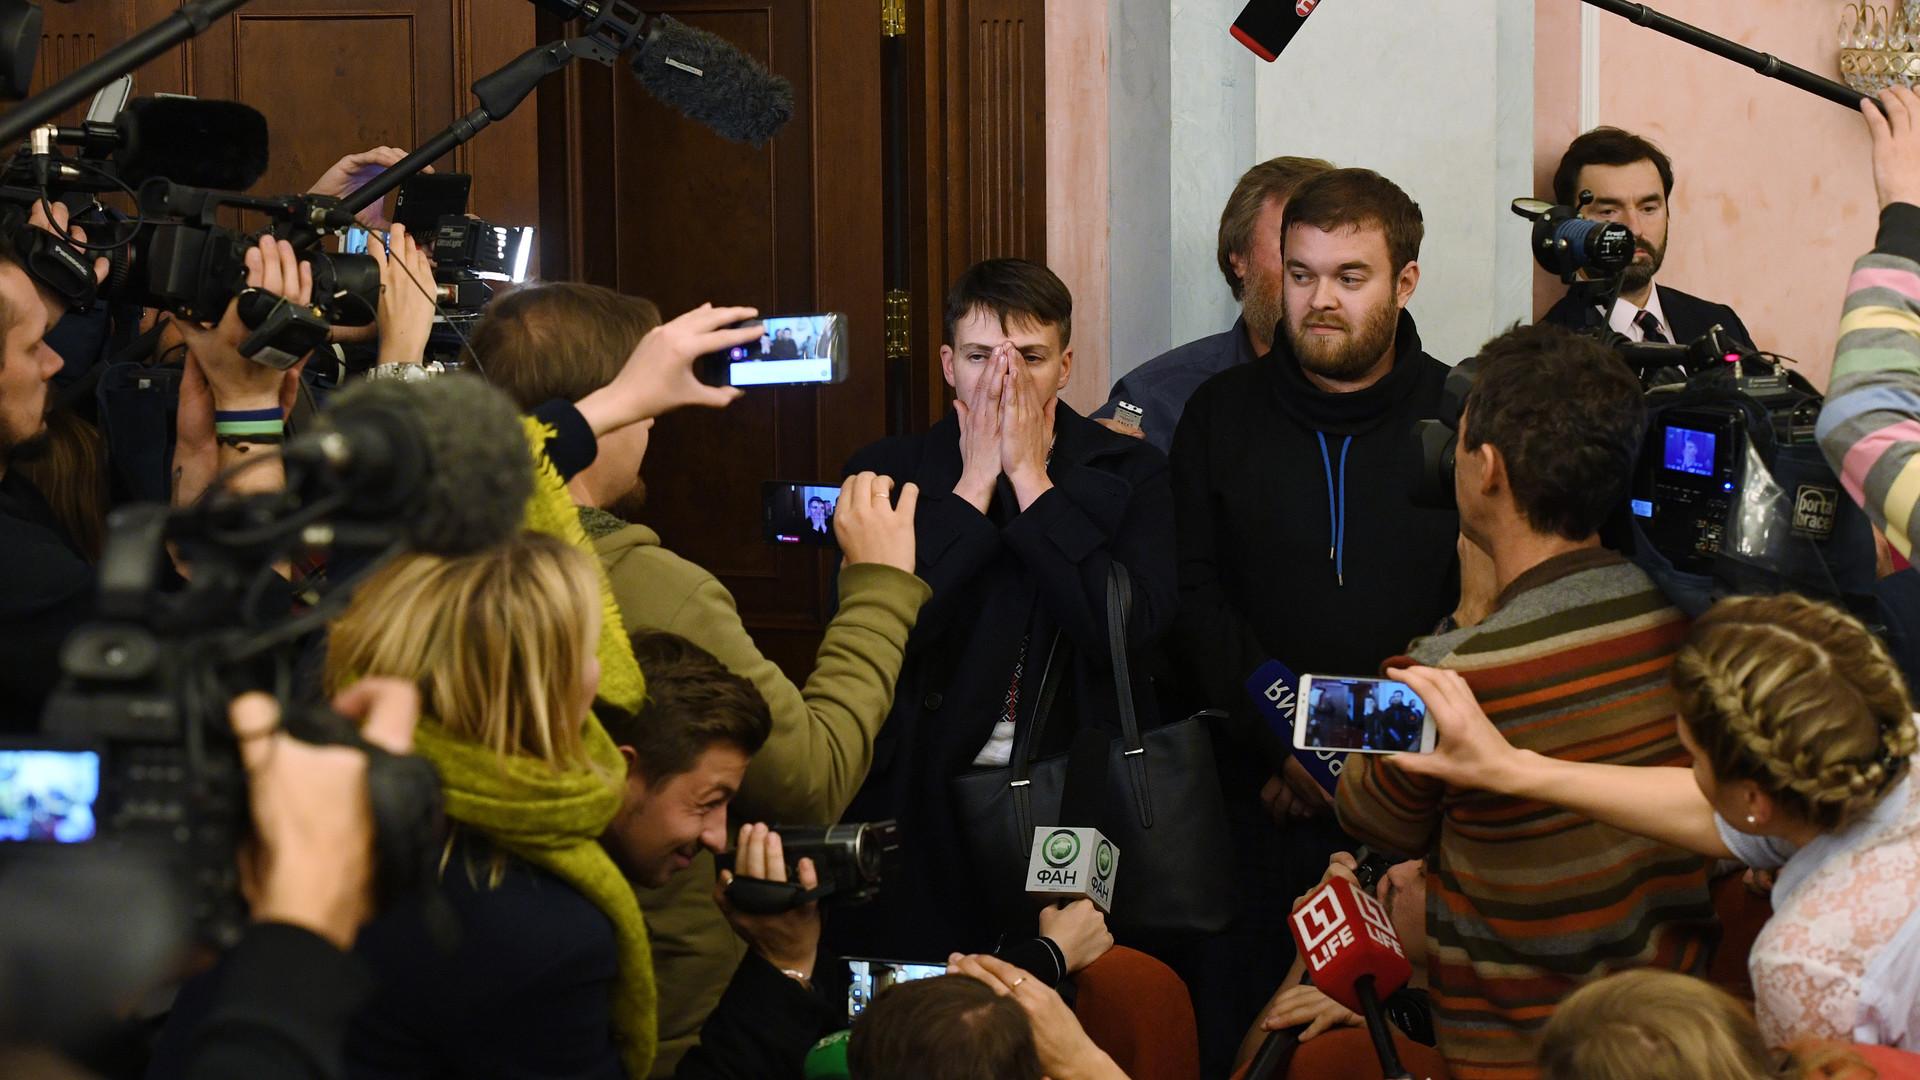 Необъявленный визит: каковы истинные причины приезда Надежды Савченко в Москву